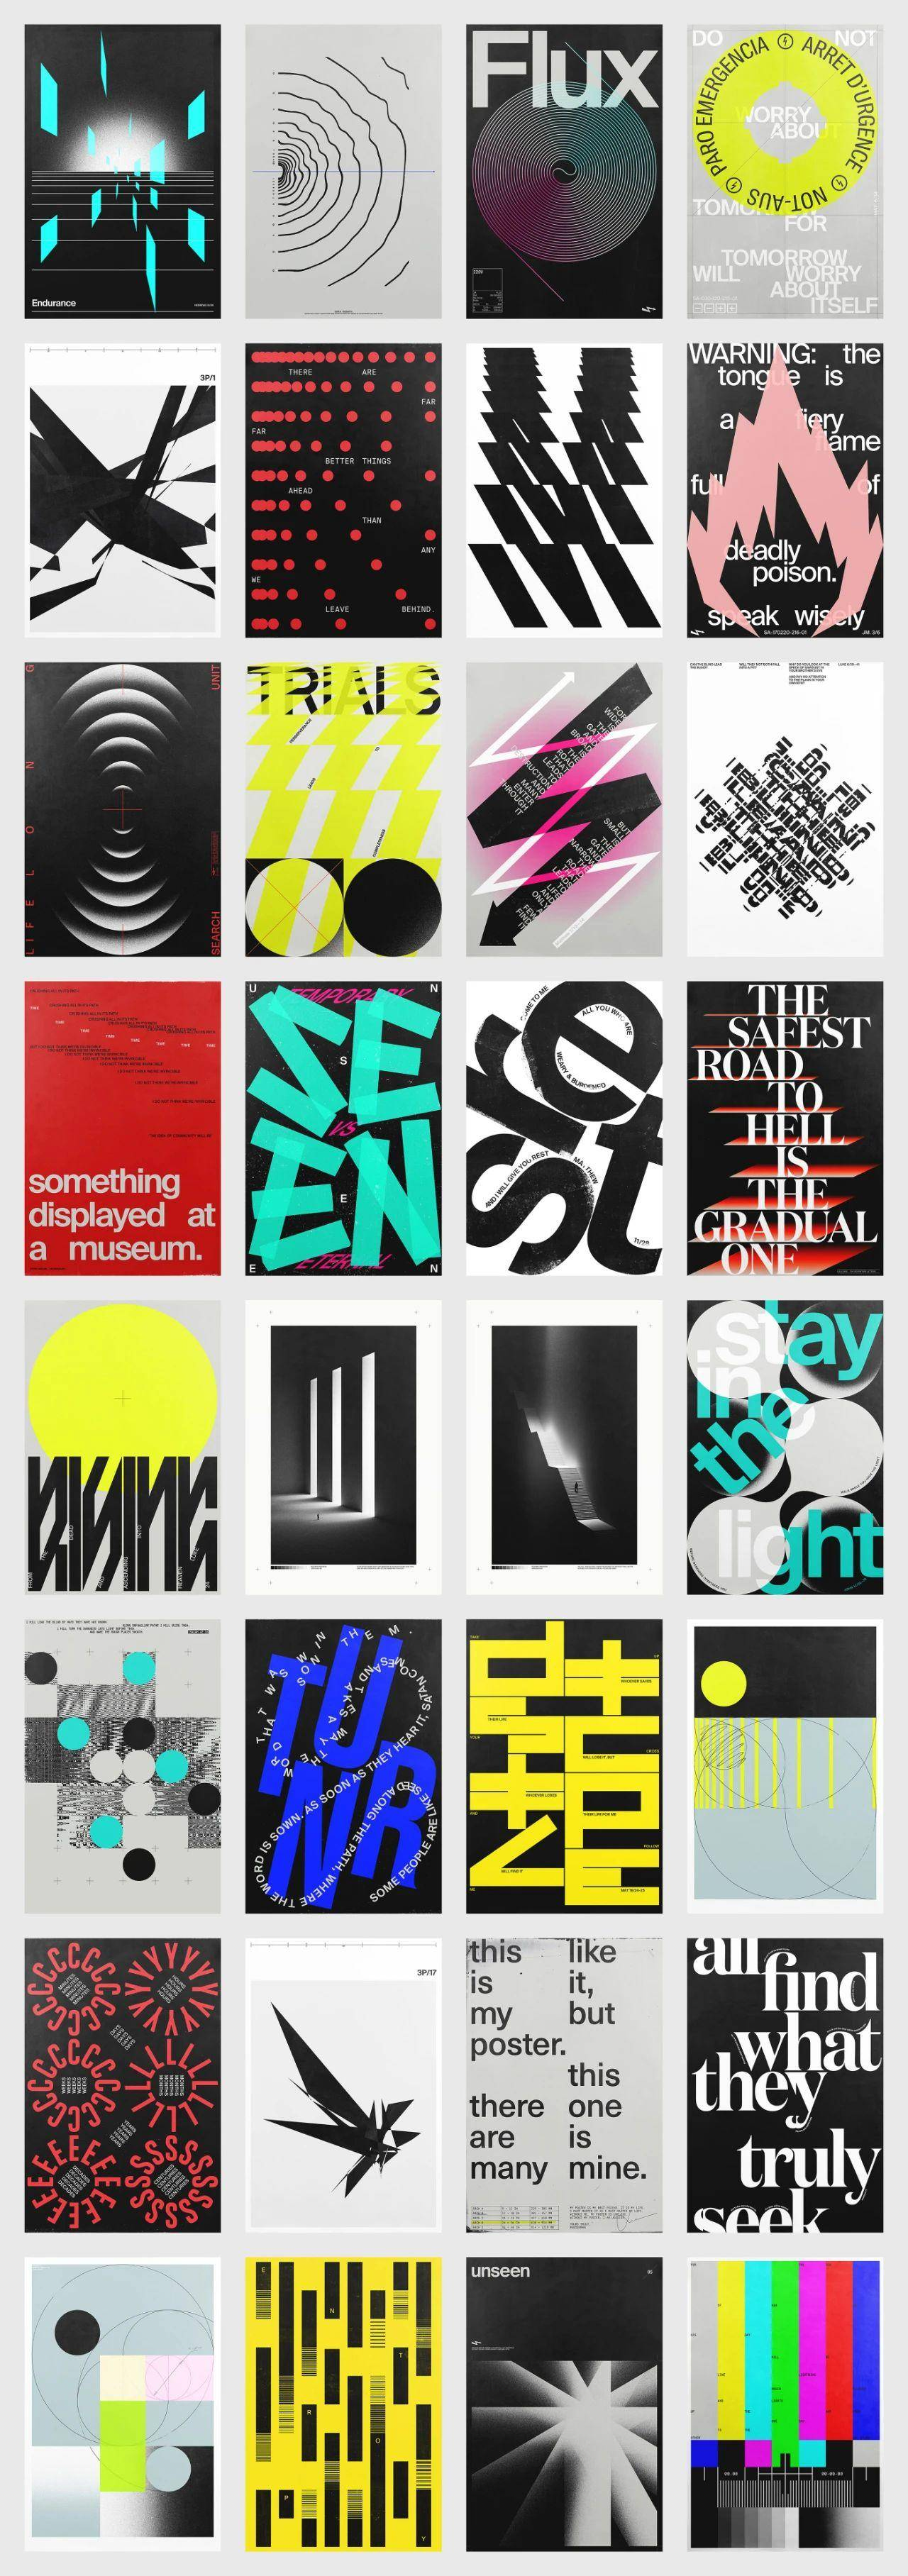 图形文字海报设计 by Xtian